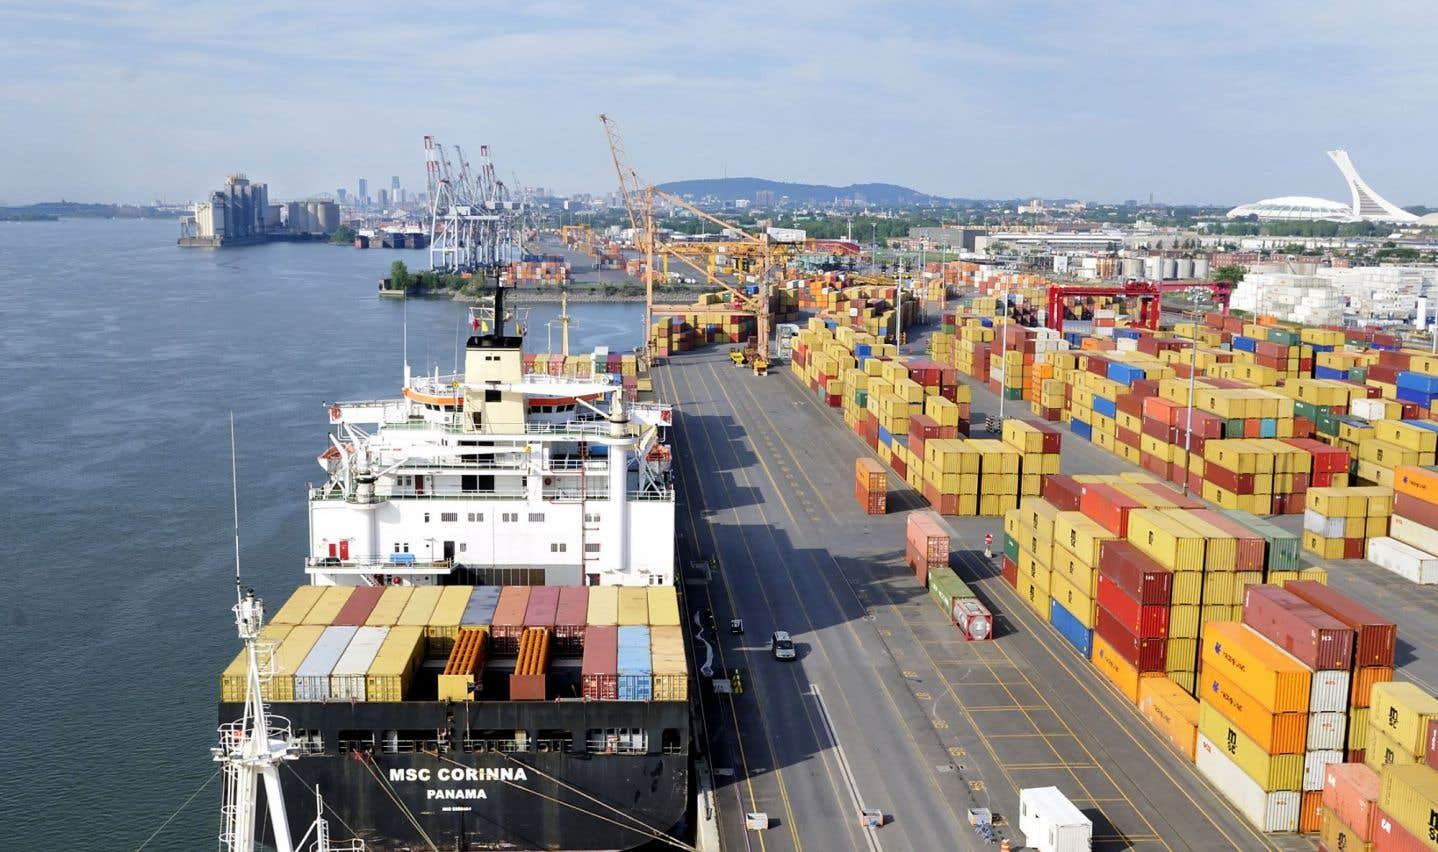 Une des particularités du port de Montréal vient du fait que les navires sont entièrement chargés et déchargés sur place.